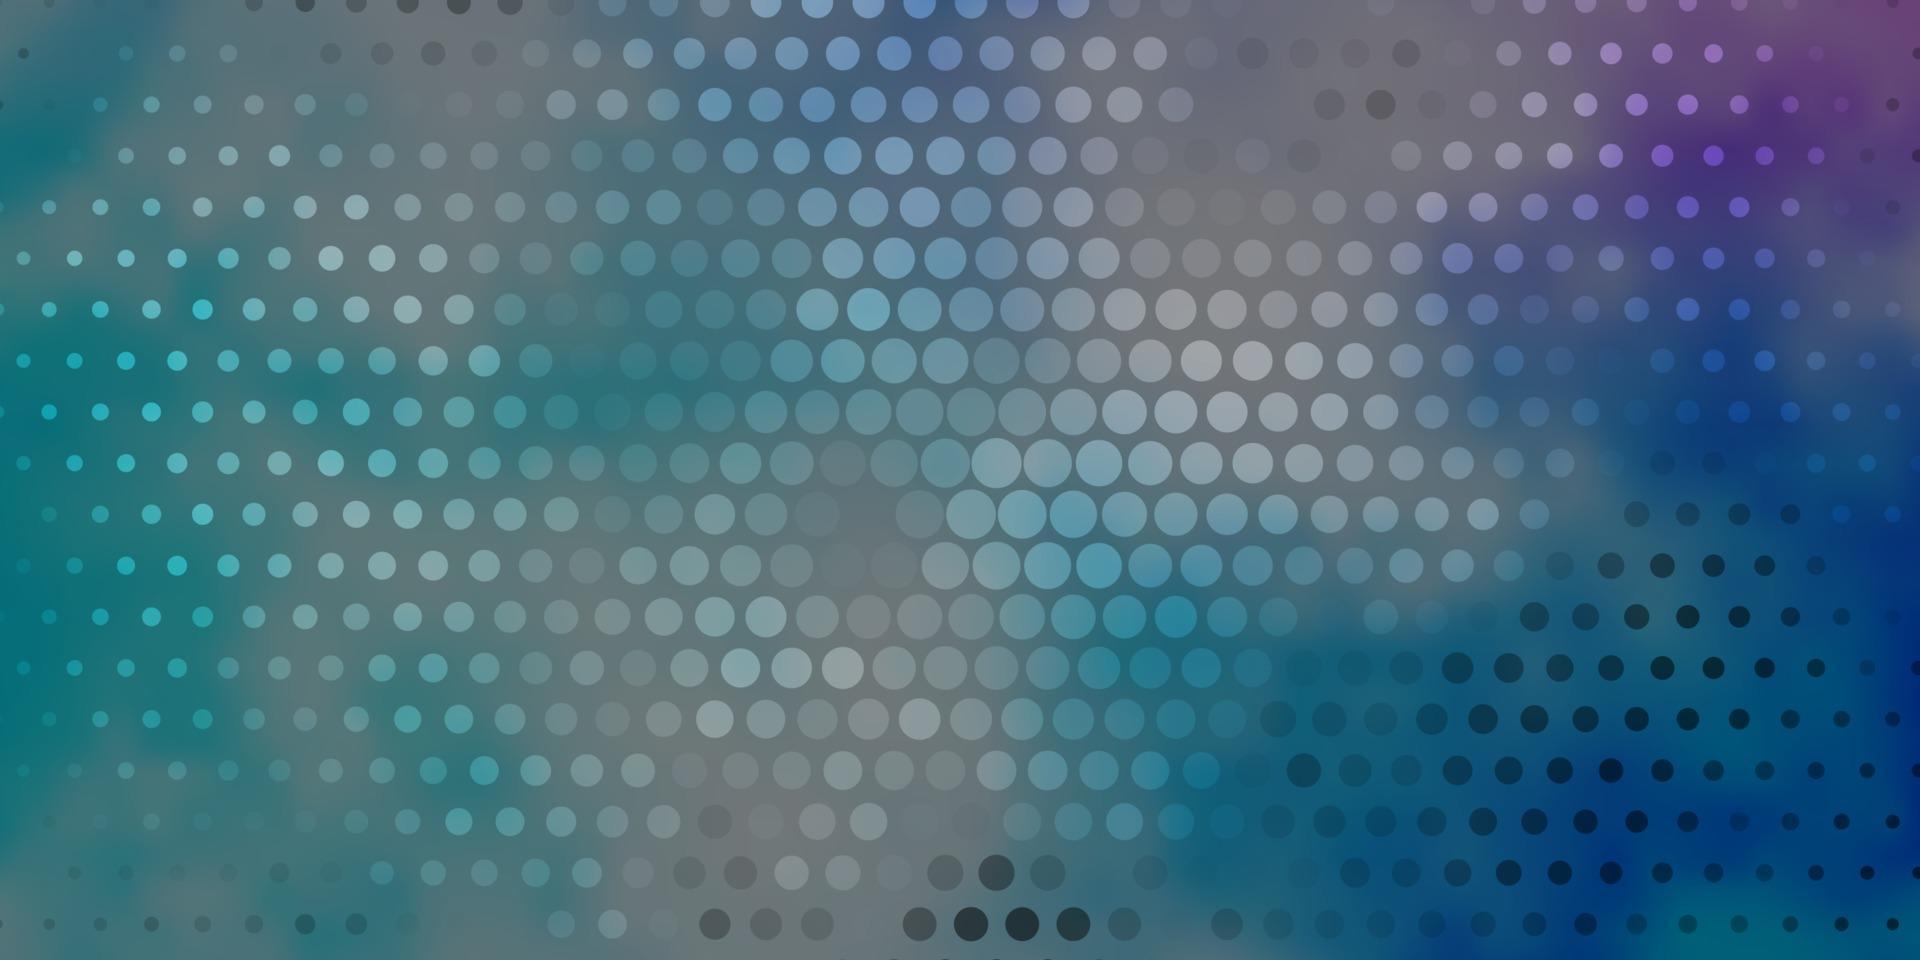 donkerroze, blauwe vectorachtergrond met cirkels. vector